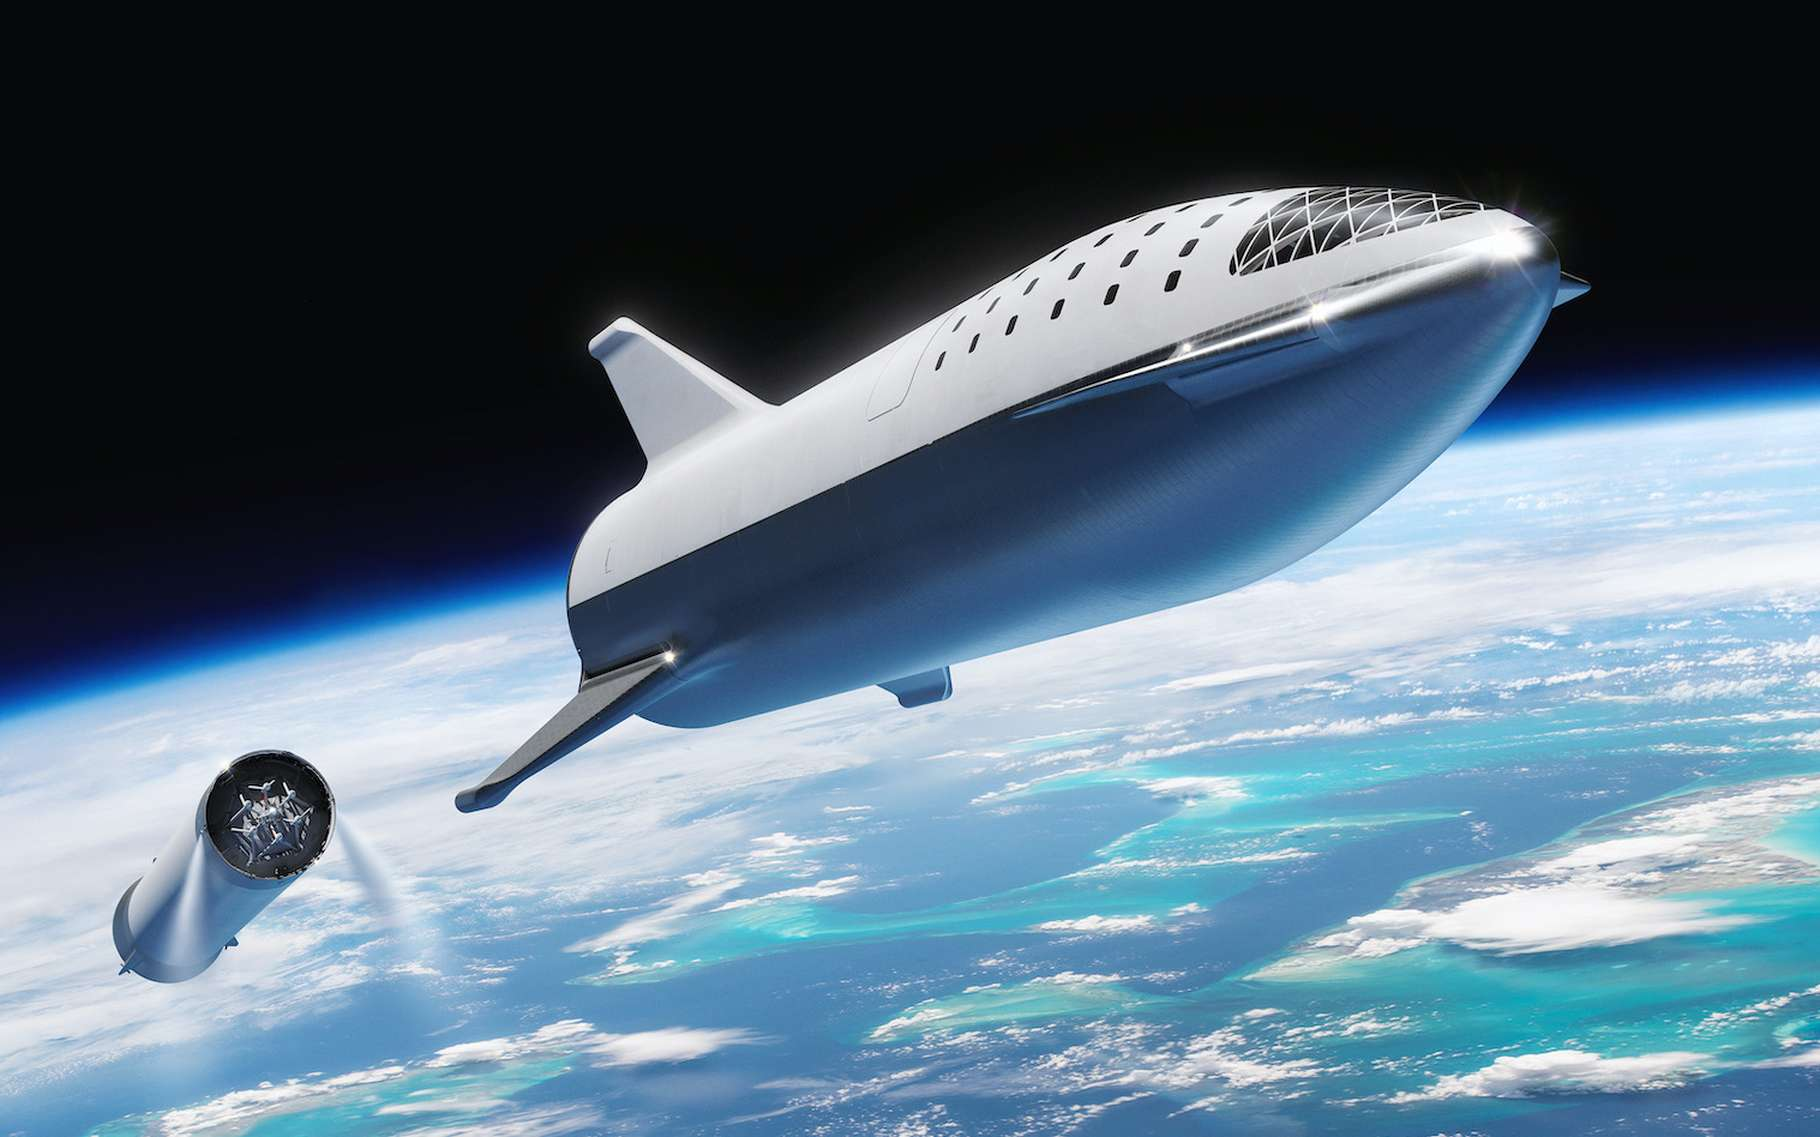 SpaceX : Elon Musk nous en dit plus sur les prochaines étapes du Starship